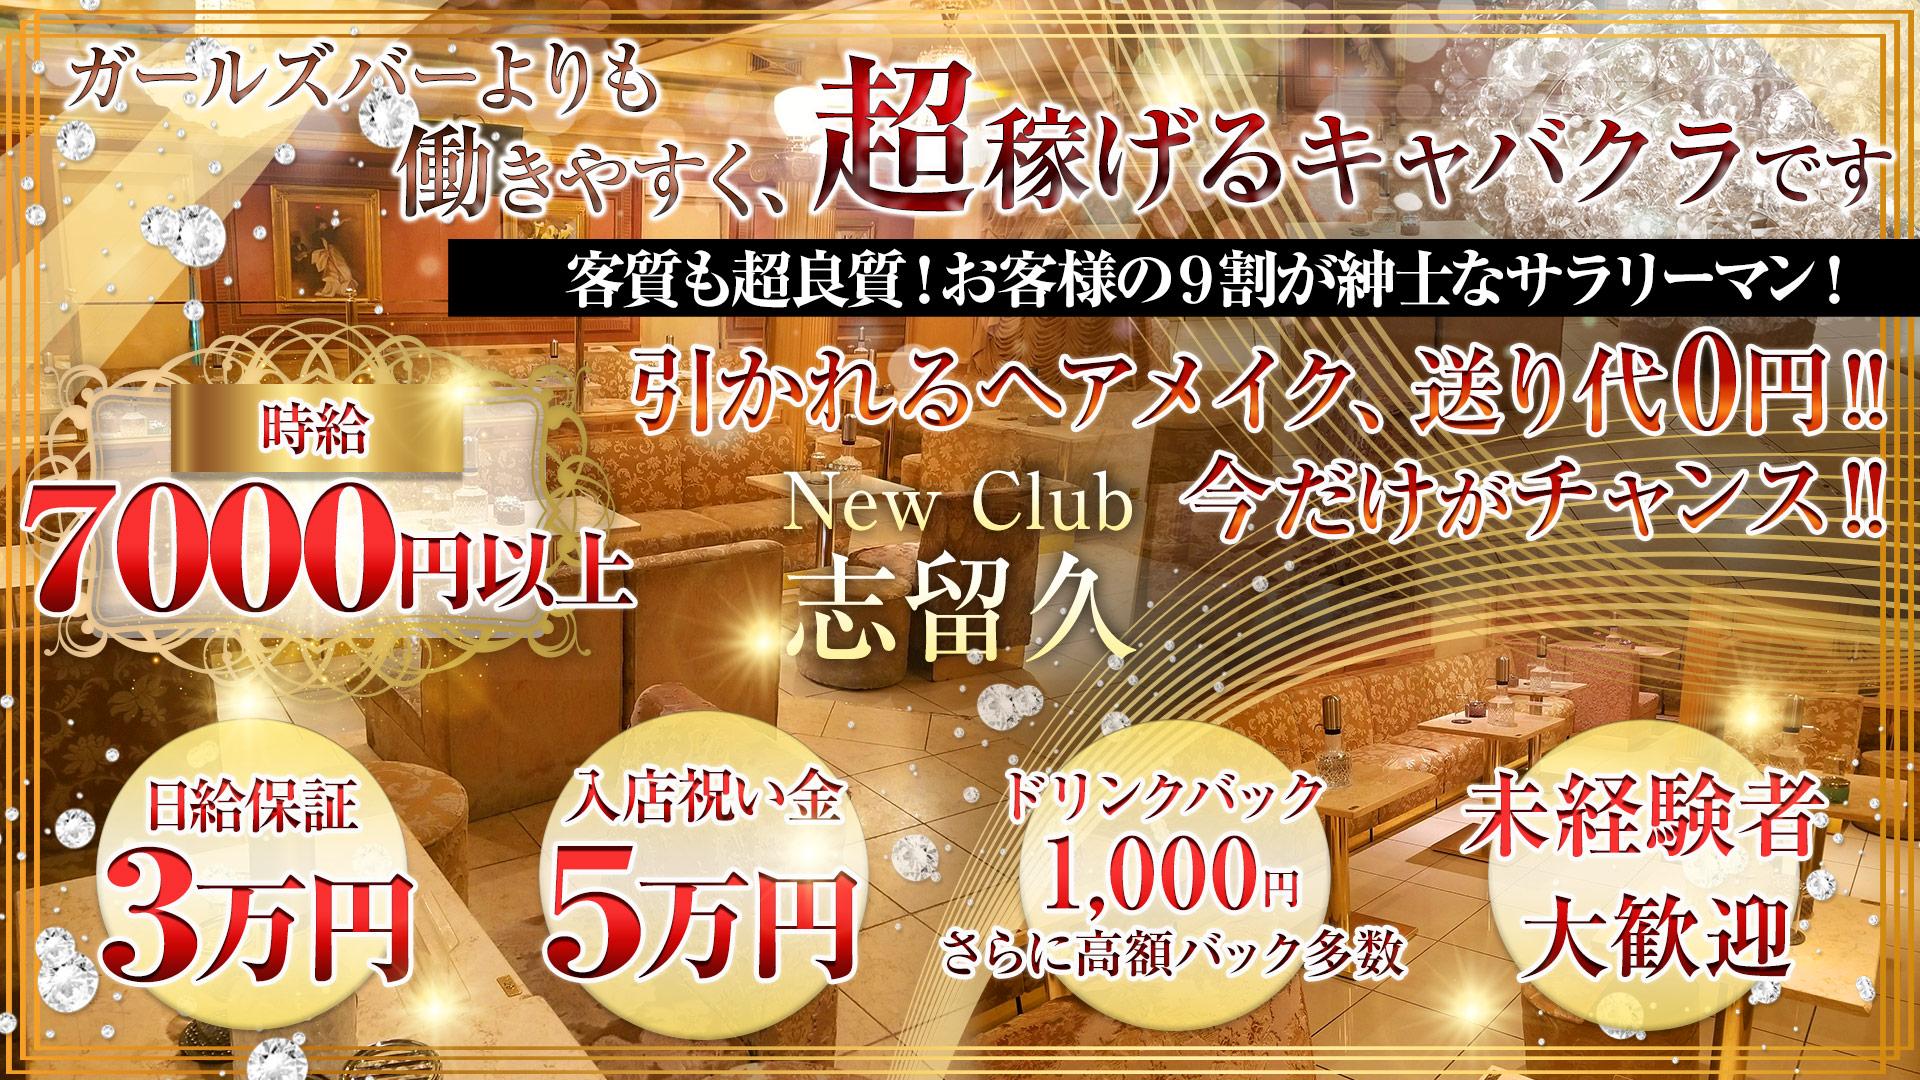 New Club 志留久[シルク] 西船橋 キャバクラ TOP画像